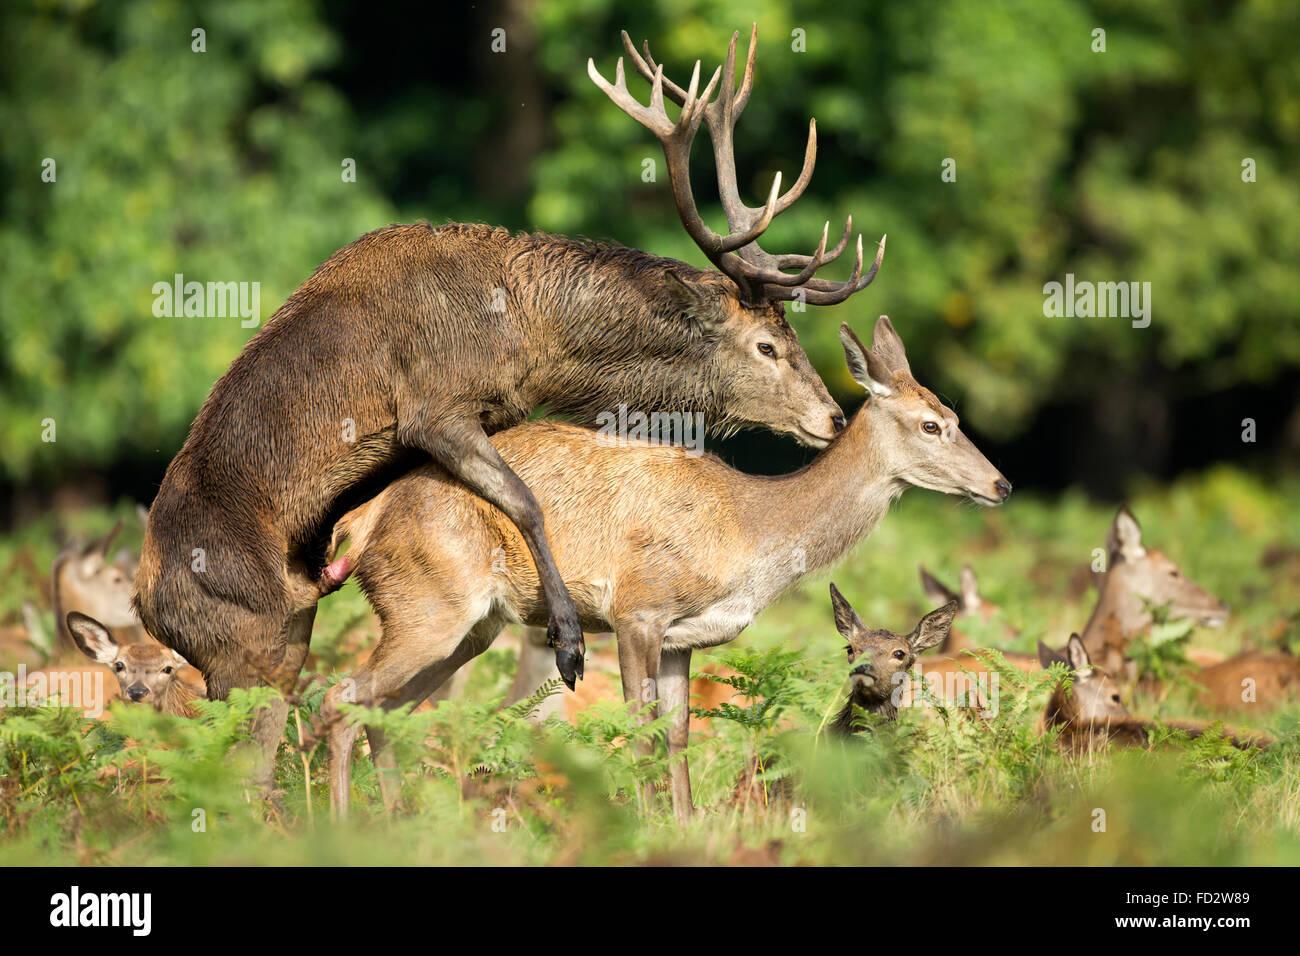 Ciervo rojo (Cervus elaphus) durante la temporada de apareamiento de celo Imagen De Stock